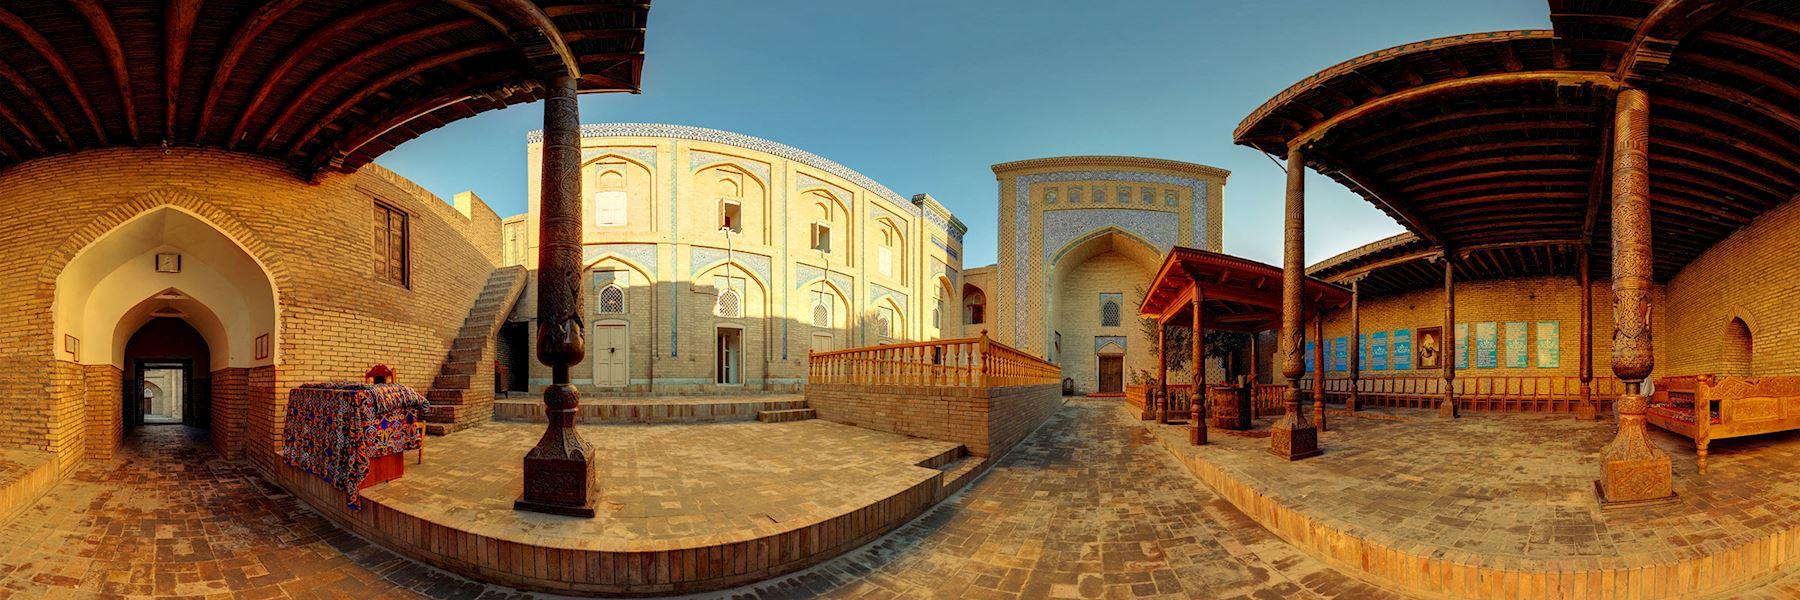 Uzbekistan holidays